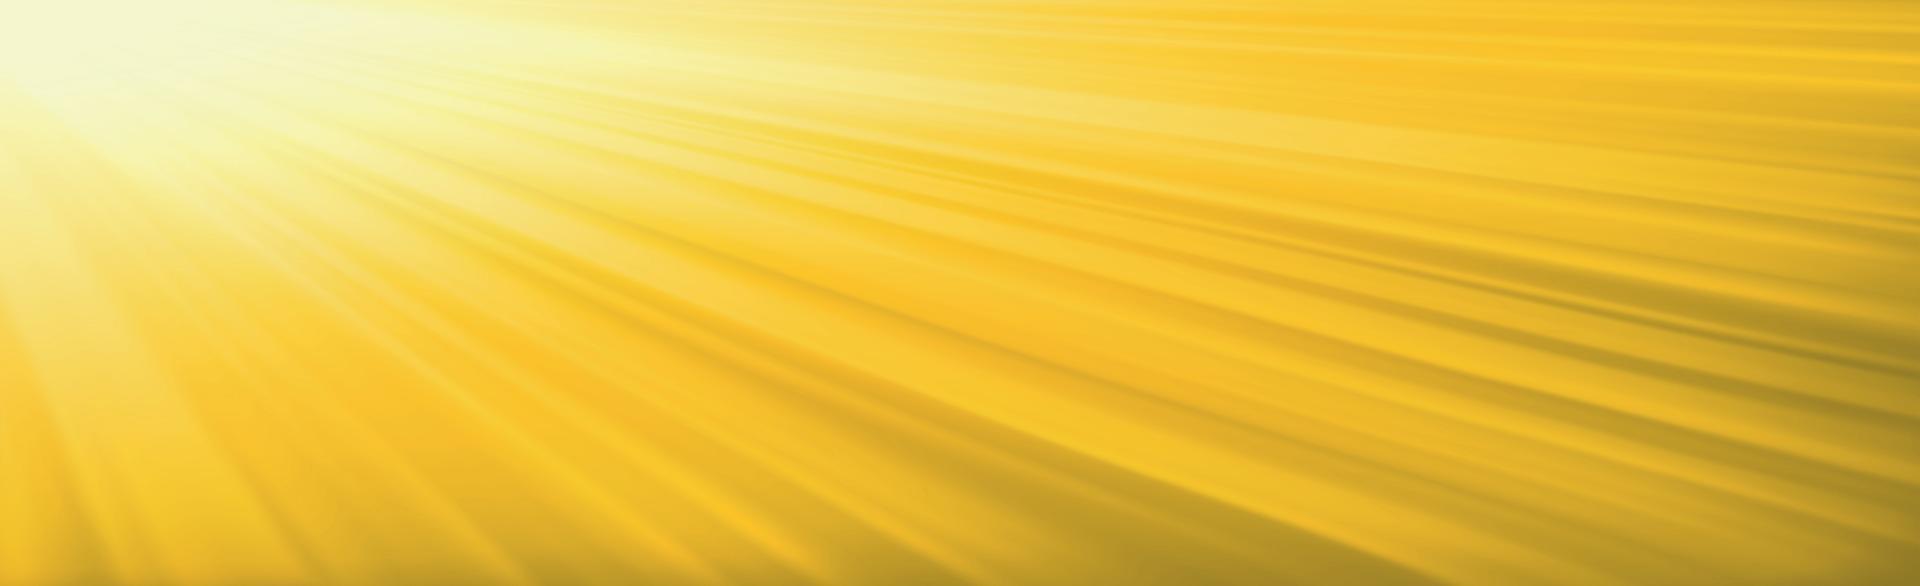 sol brillante sobre un fondo amarillo - ilustración vector